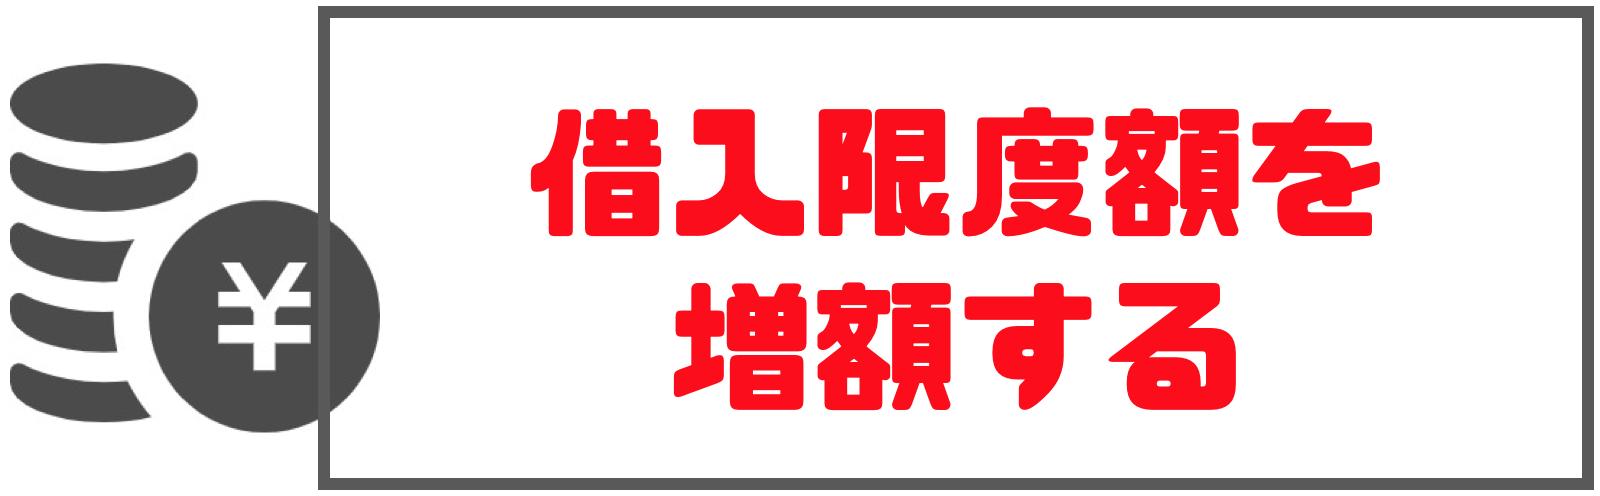 プロミス_金利_借入限度額増額